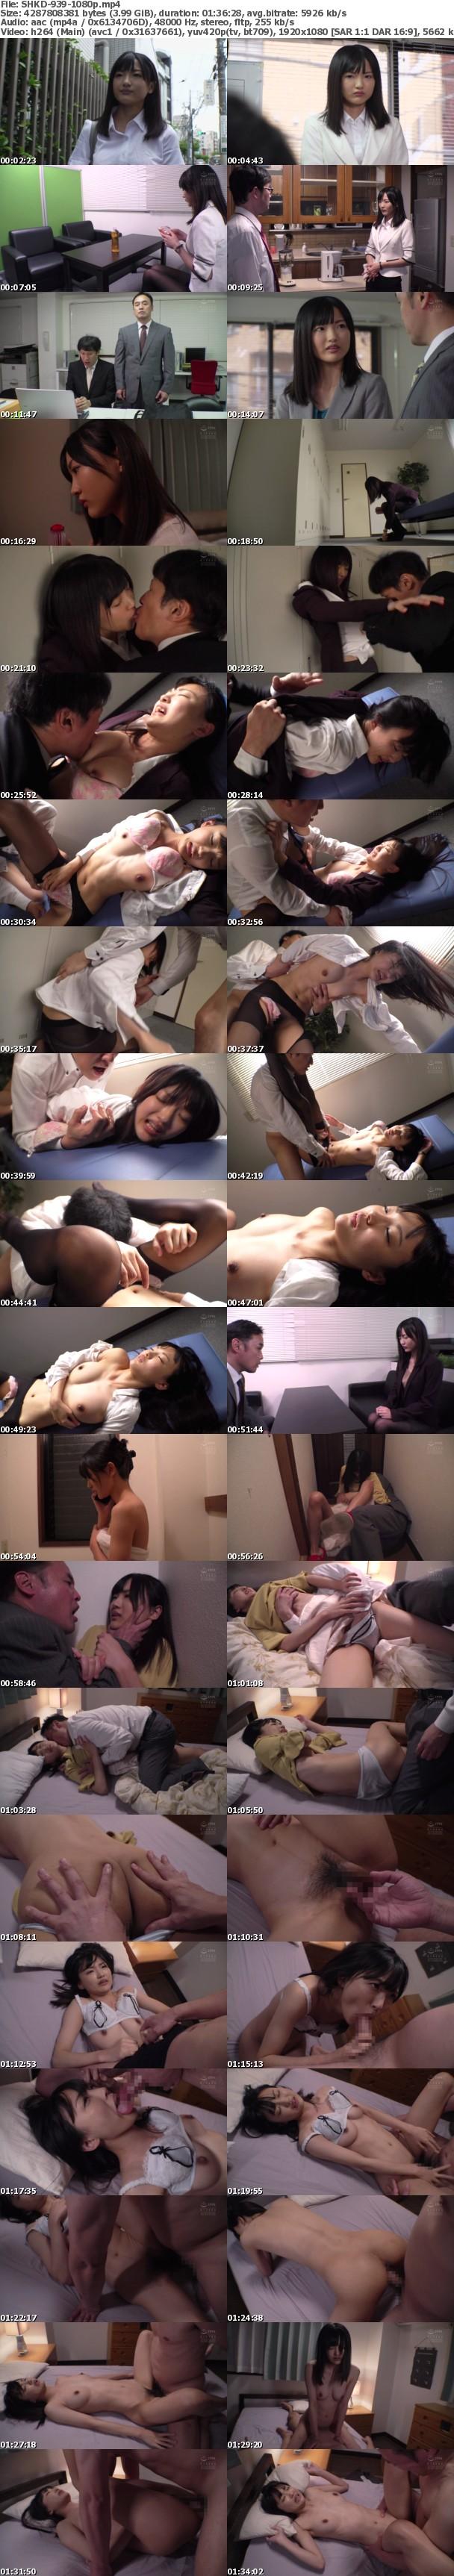 (Full HD) SHKD-939 人妻OLの無慈悲な再就職 乙葉カレン